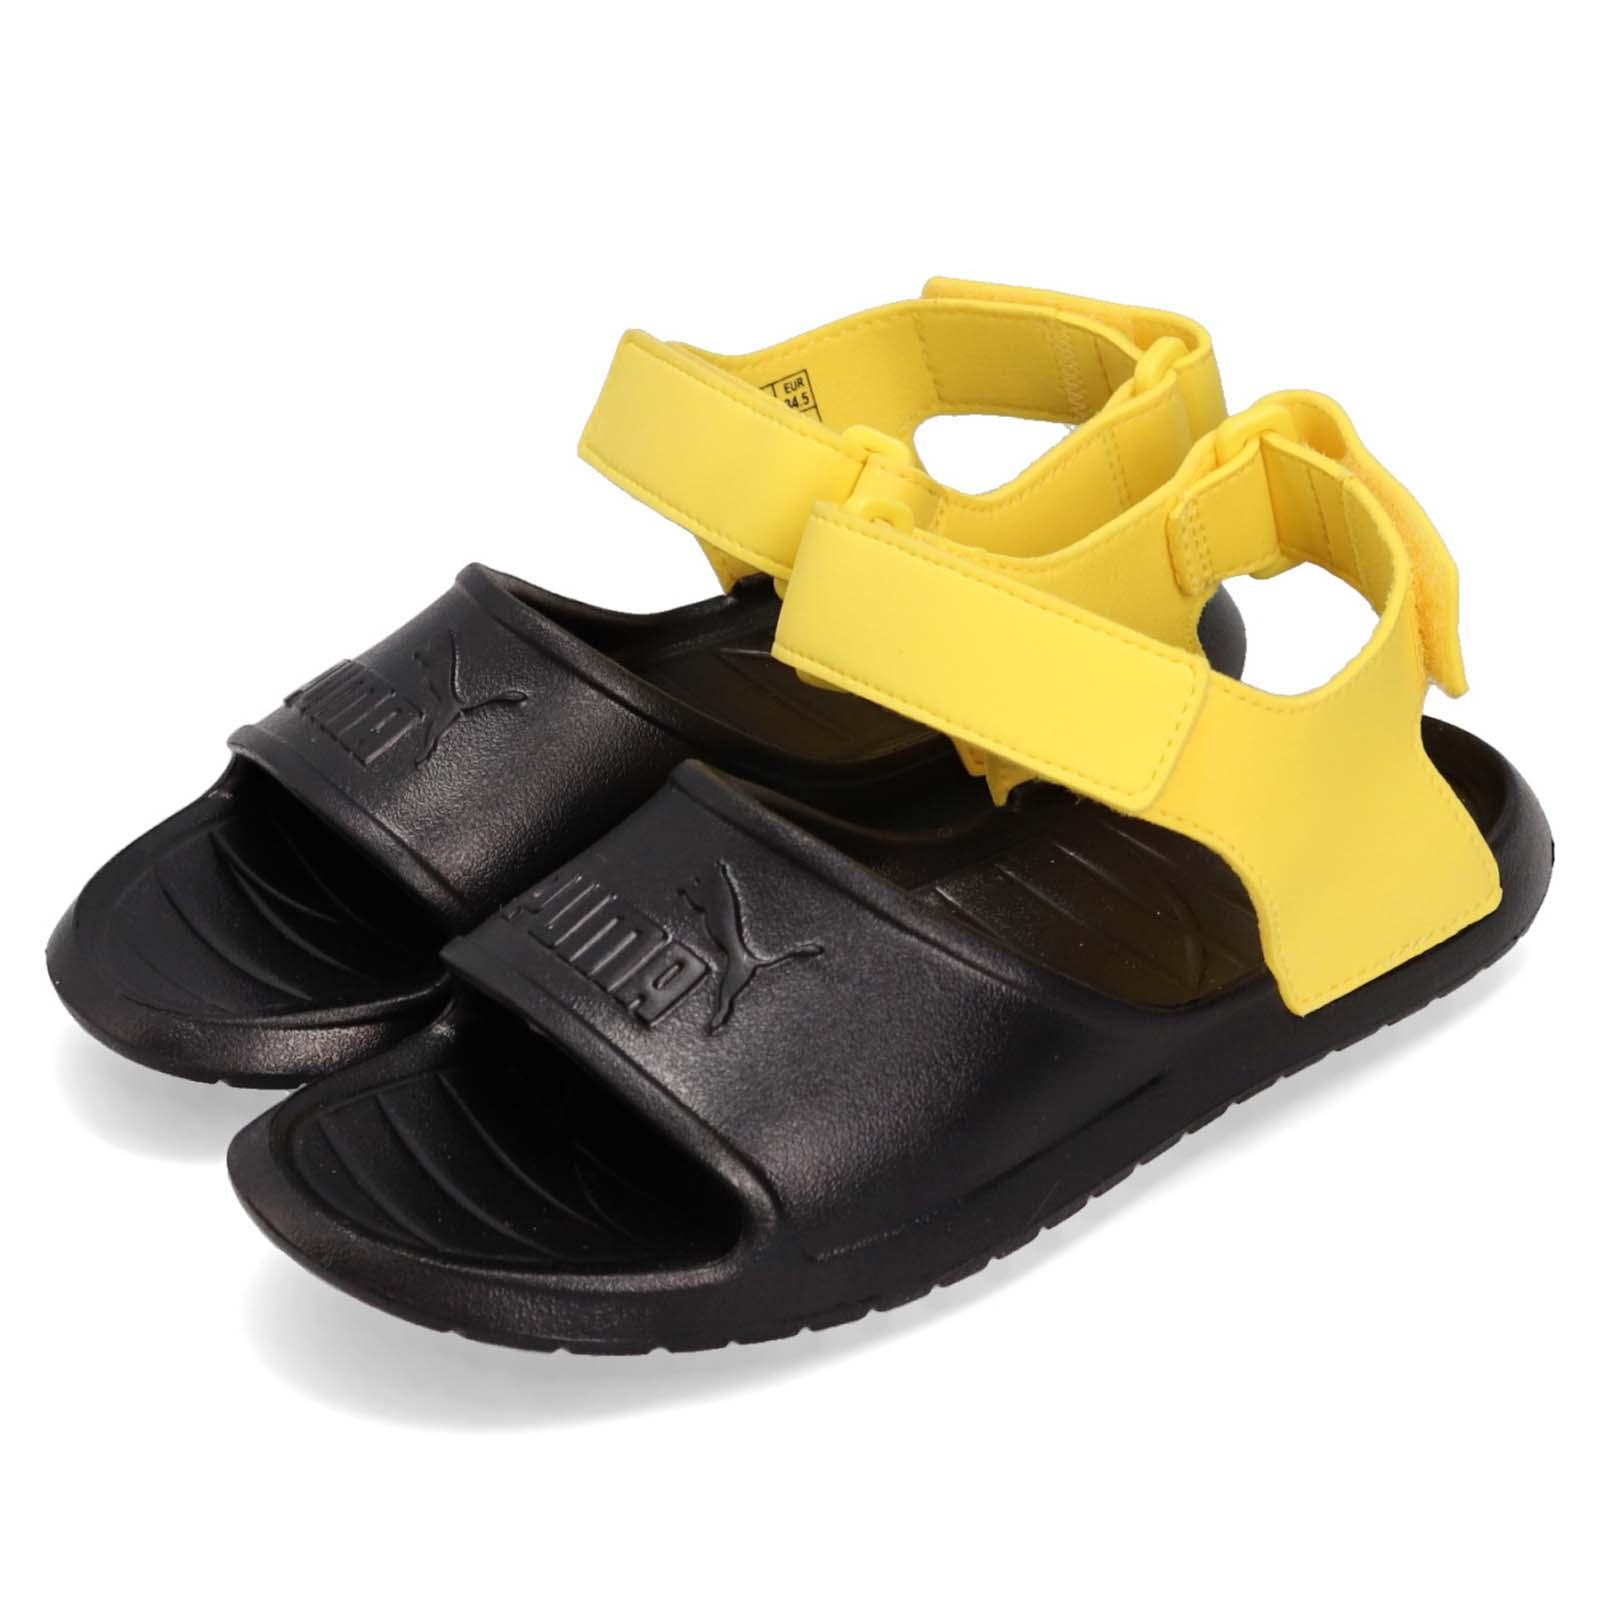 Puma 涼拖鞋 Divecat V2 穿搭 童鞋 36954601